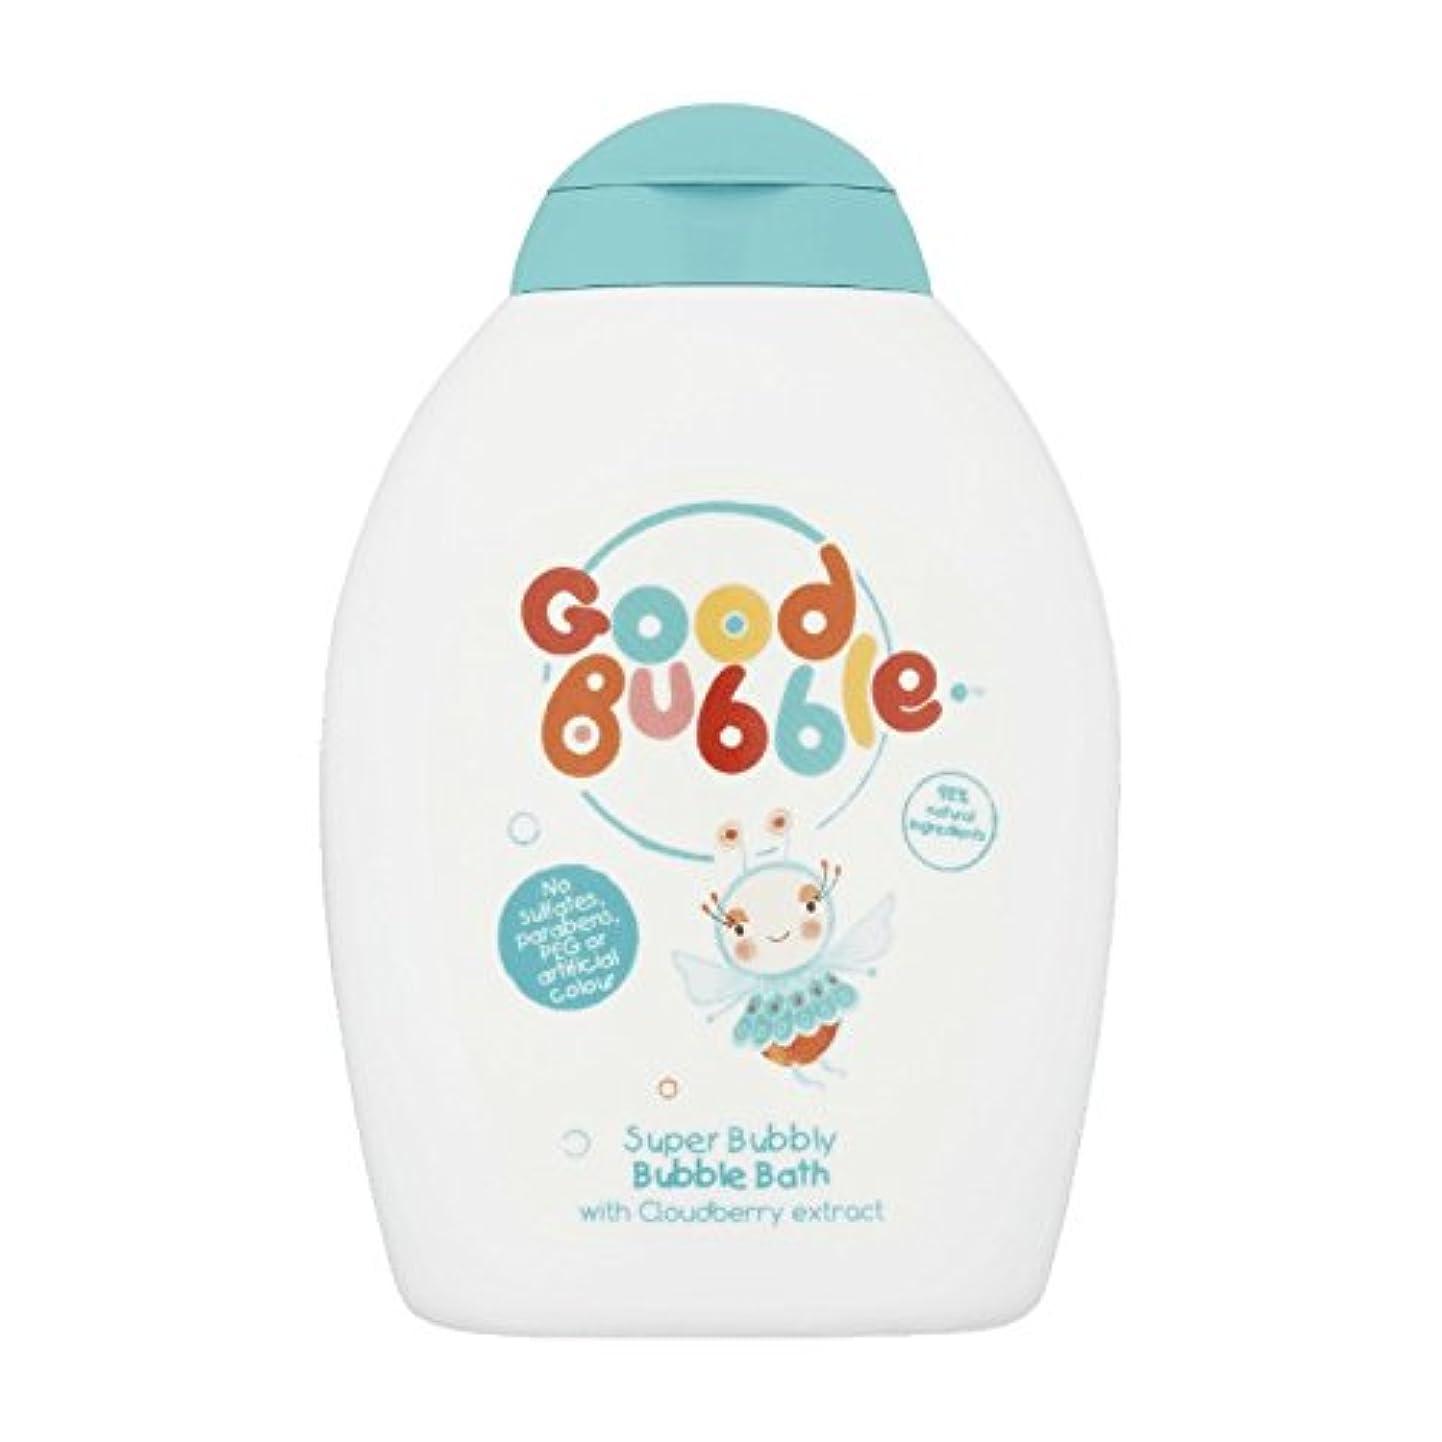 のためにブレンド幼児Good Bubble Cloudberry Bubble Bath 400ml (Pack of 2) - 良いバブルクラウドベリーバブルバス400ミリリットル (x2) [並行輸入品]